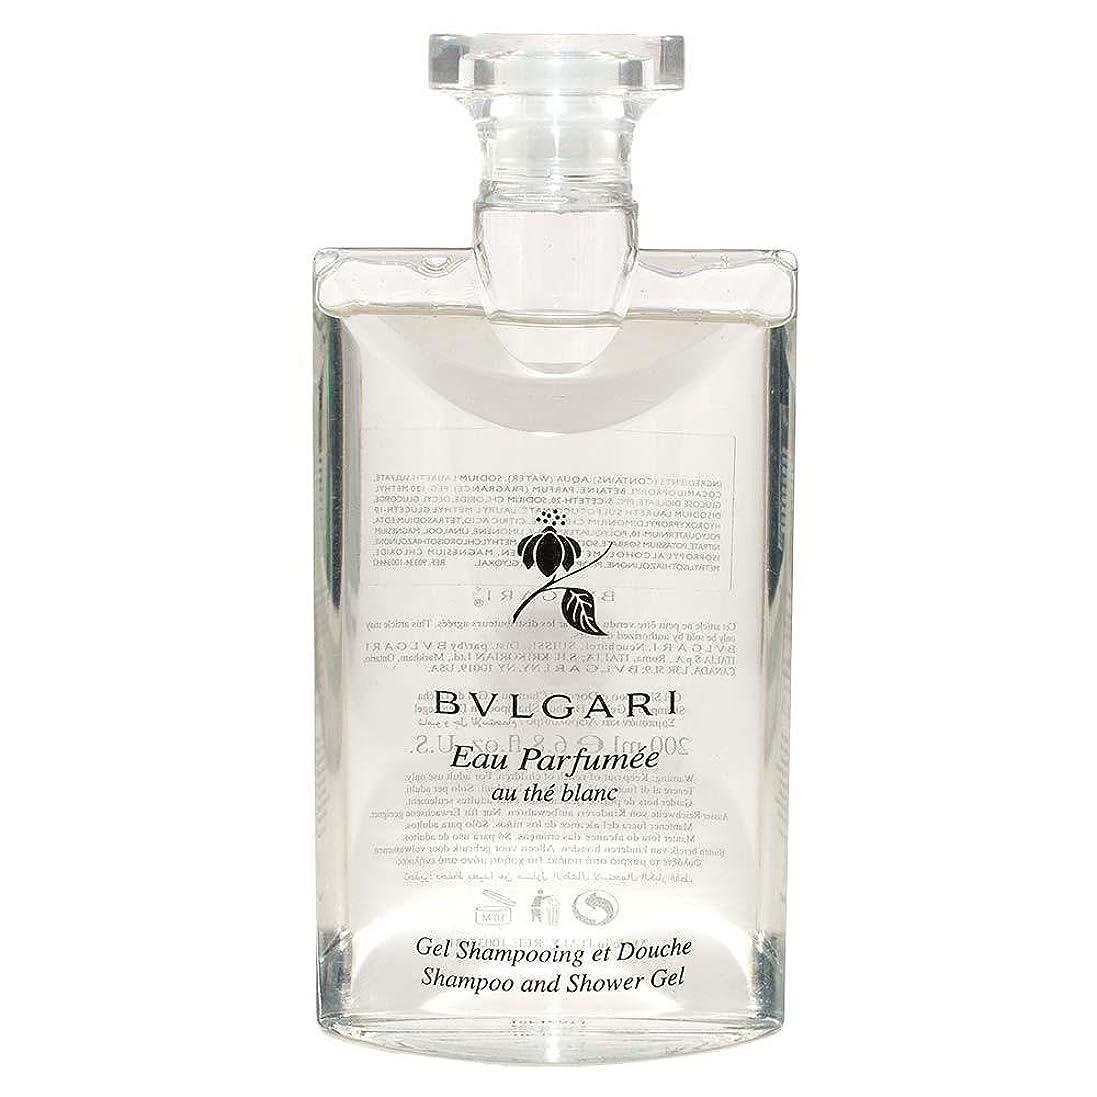 ラフレシアアルノルディ繁殖ラウンジBvlgari Eau Parfumee Au The Blanc (ブルガリ オー パフュ-メ オウ ブラン) 2.5 oz (75ml) シャンプー